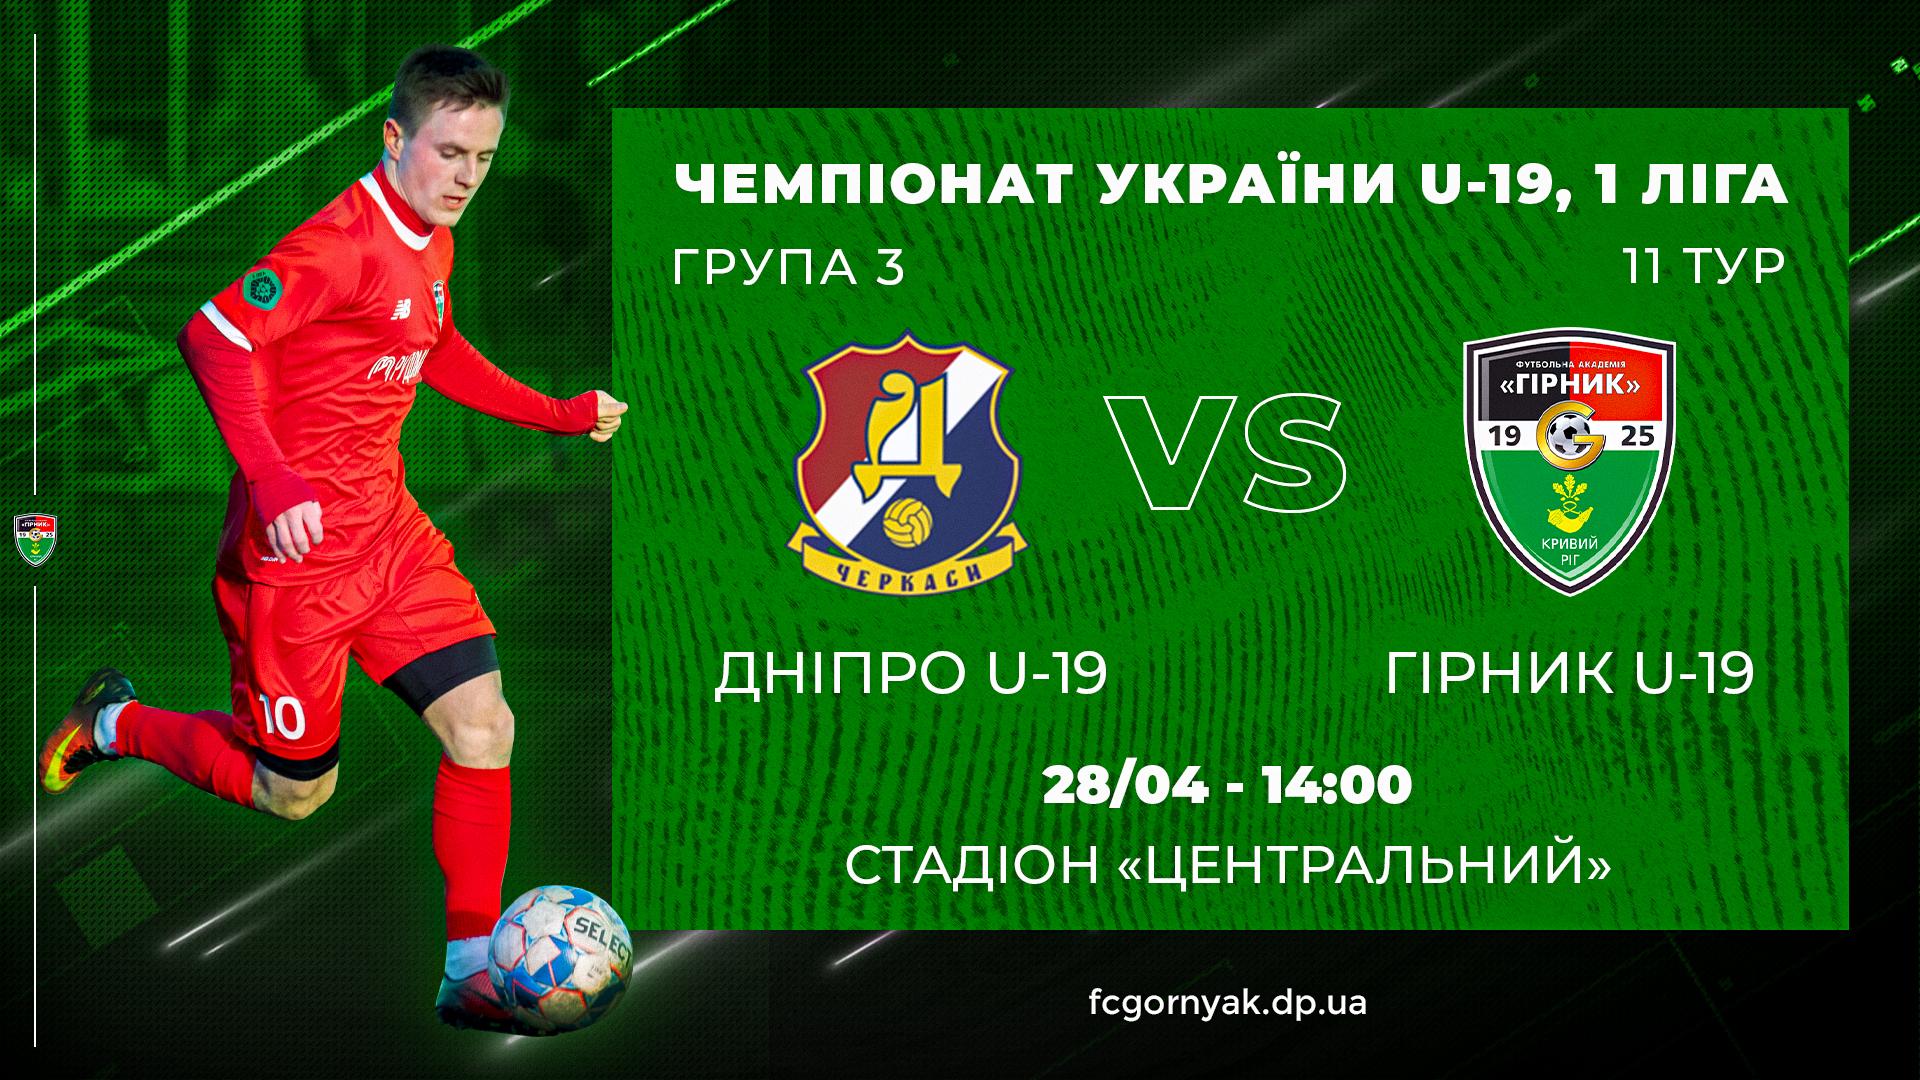 """""""Дніпро"""" U-19 - """"Гірник"""" U-19: деталі матчу"""